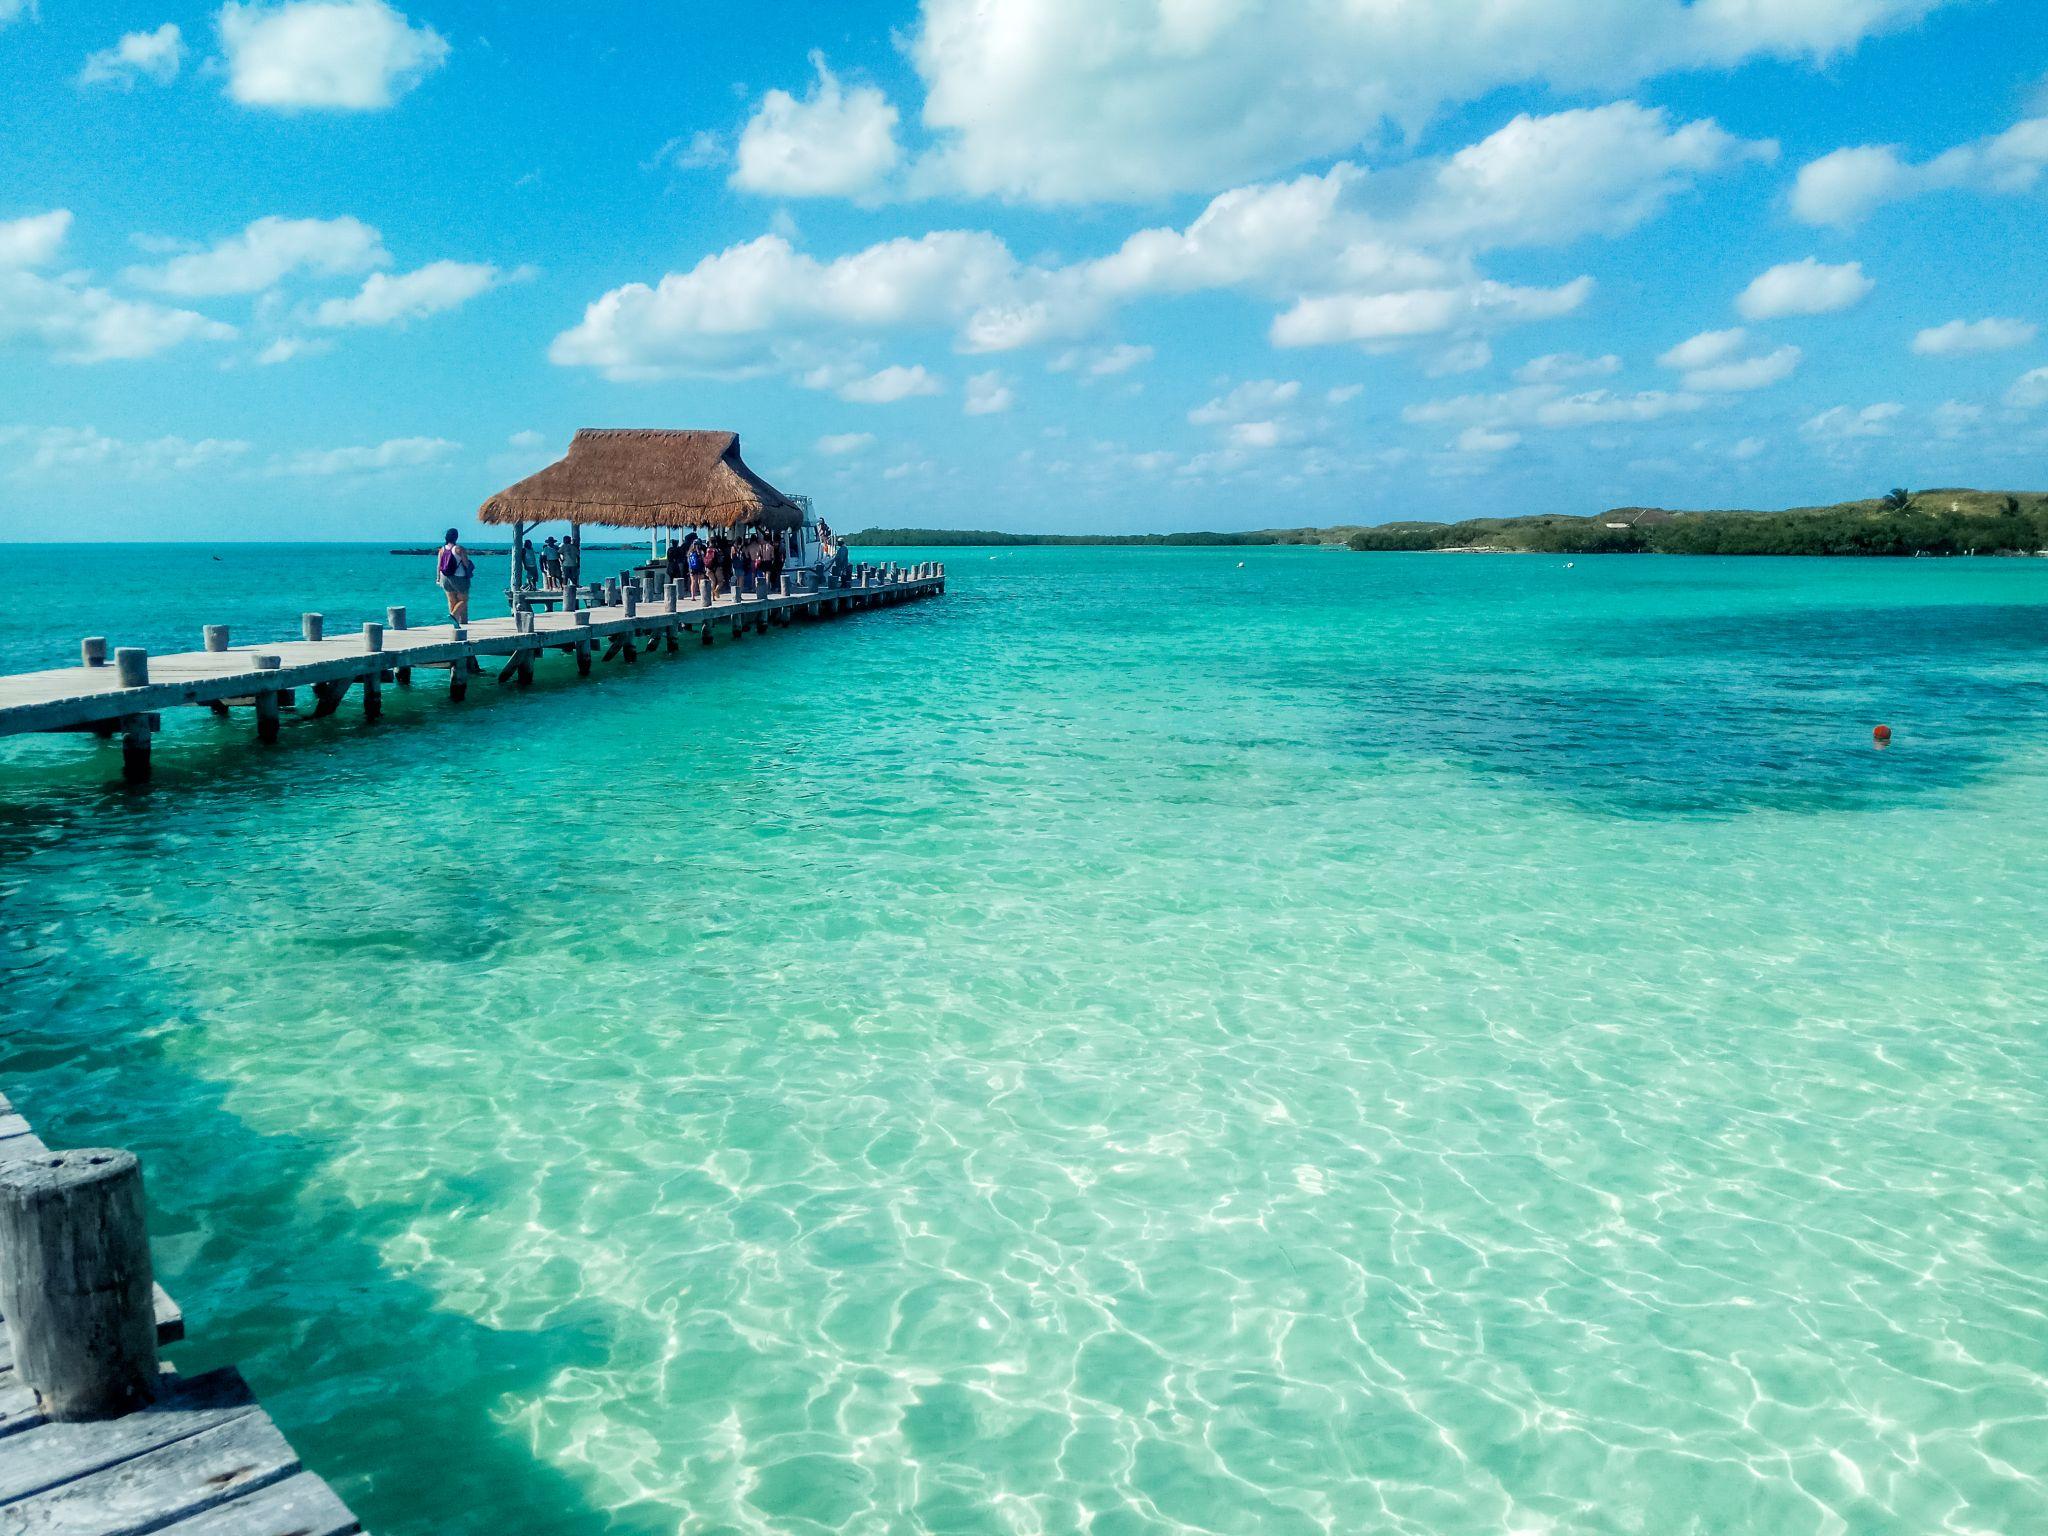 Caribbean pier, Mexico